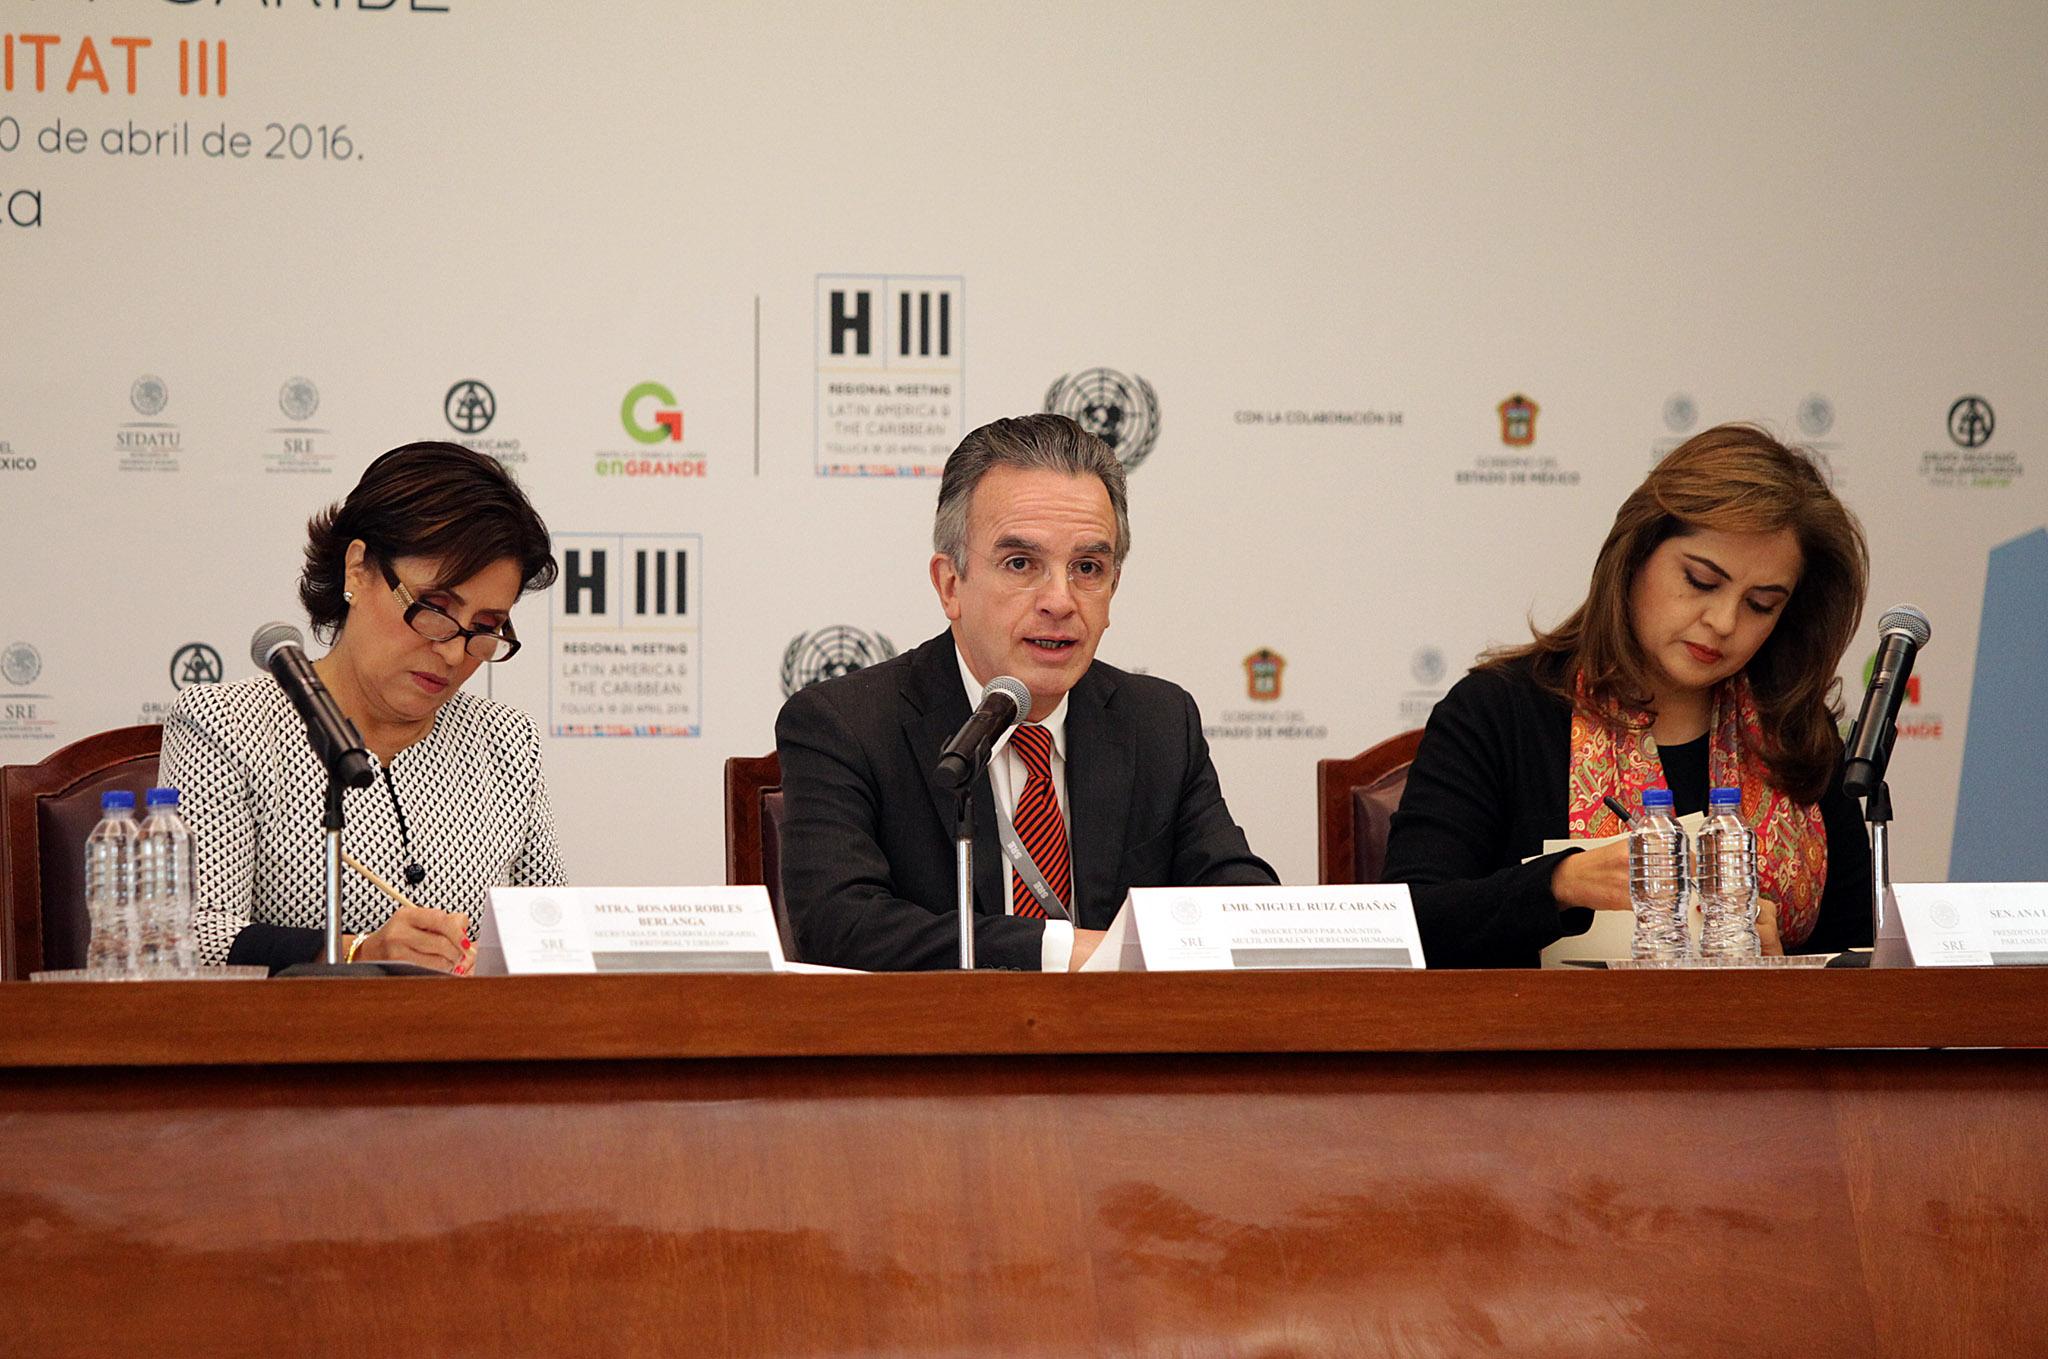 FOTO 3 Secretaria Rosario Robles Berlanga  Embajador Miguel Ruiz Caba as y la Senadora Ana Lilia Herrerajpg